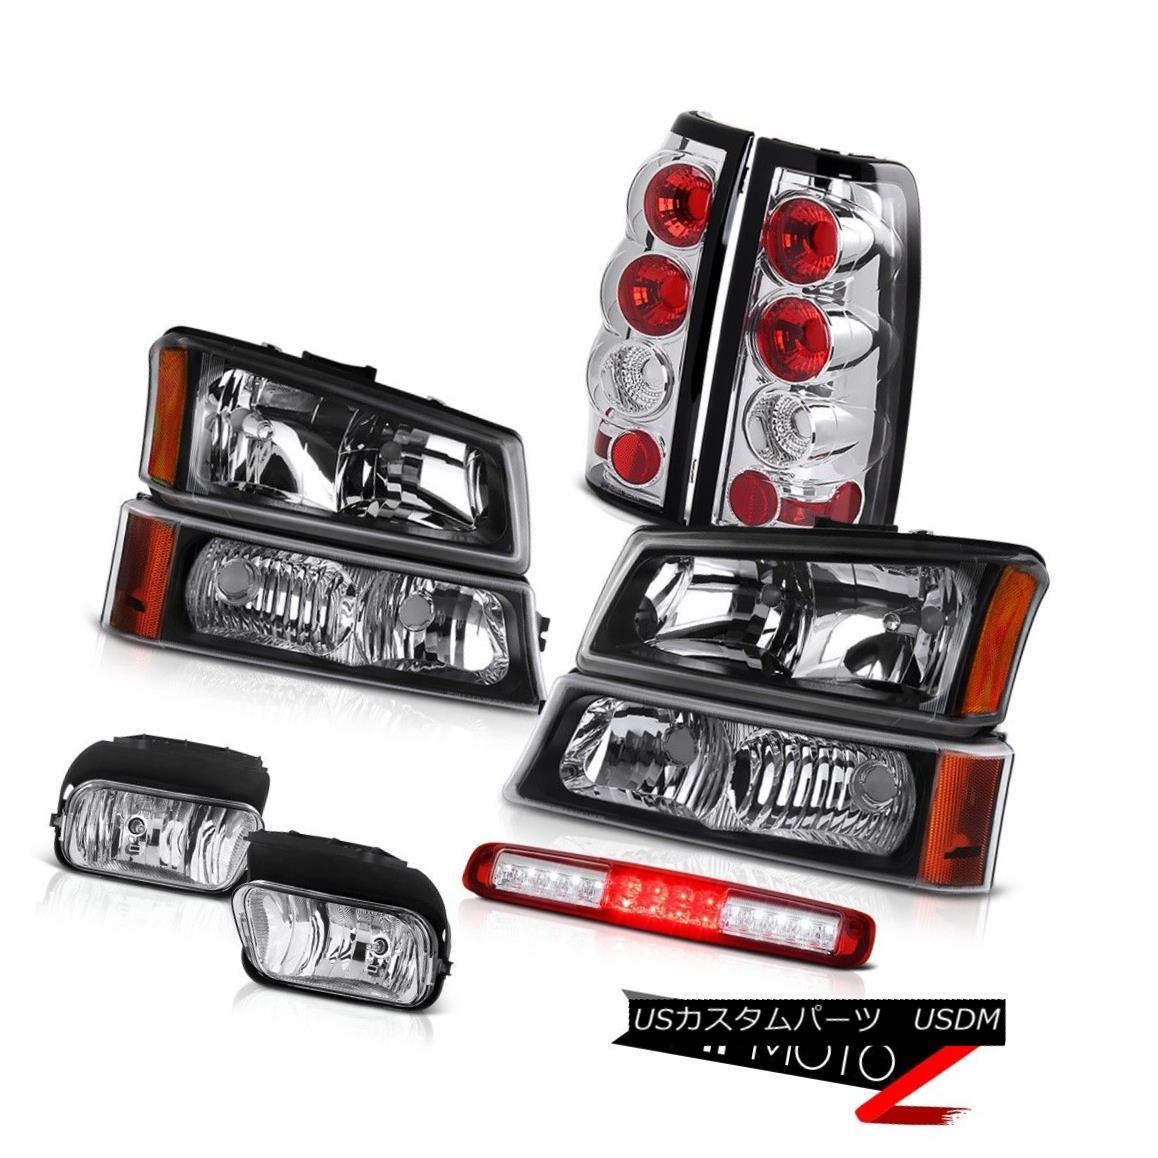 ヘッドライト 2003-2006 Silverado 1500 Fog Lights Bumper Lamp 3RD Brake Headlamps Rear Lamps 2003-2006 Silverado 1500フォグライトバンパーランプ3RDブレーキヘッドランプリア・ランプ